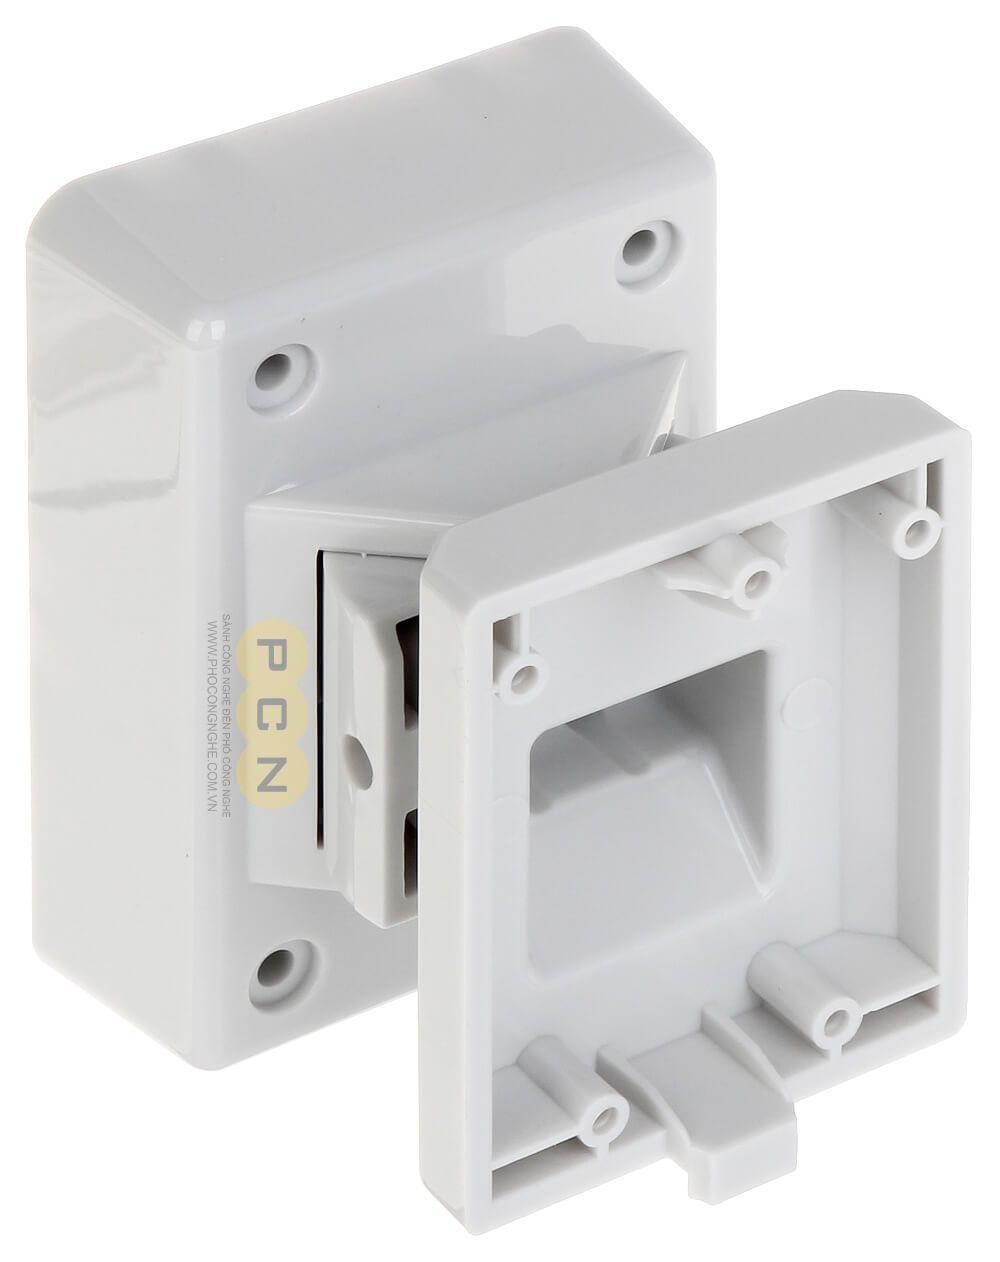 Đế cho cảm biến hồng ngoại ngoài trời Hikvision DS-PDB-EX-Wallbracket